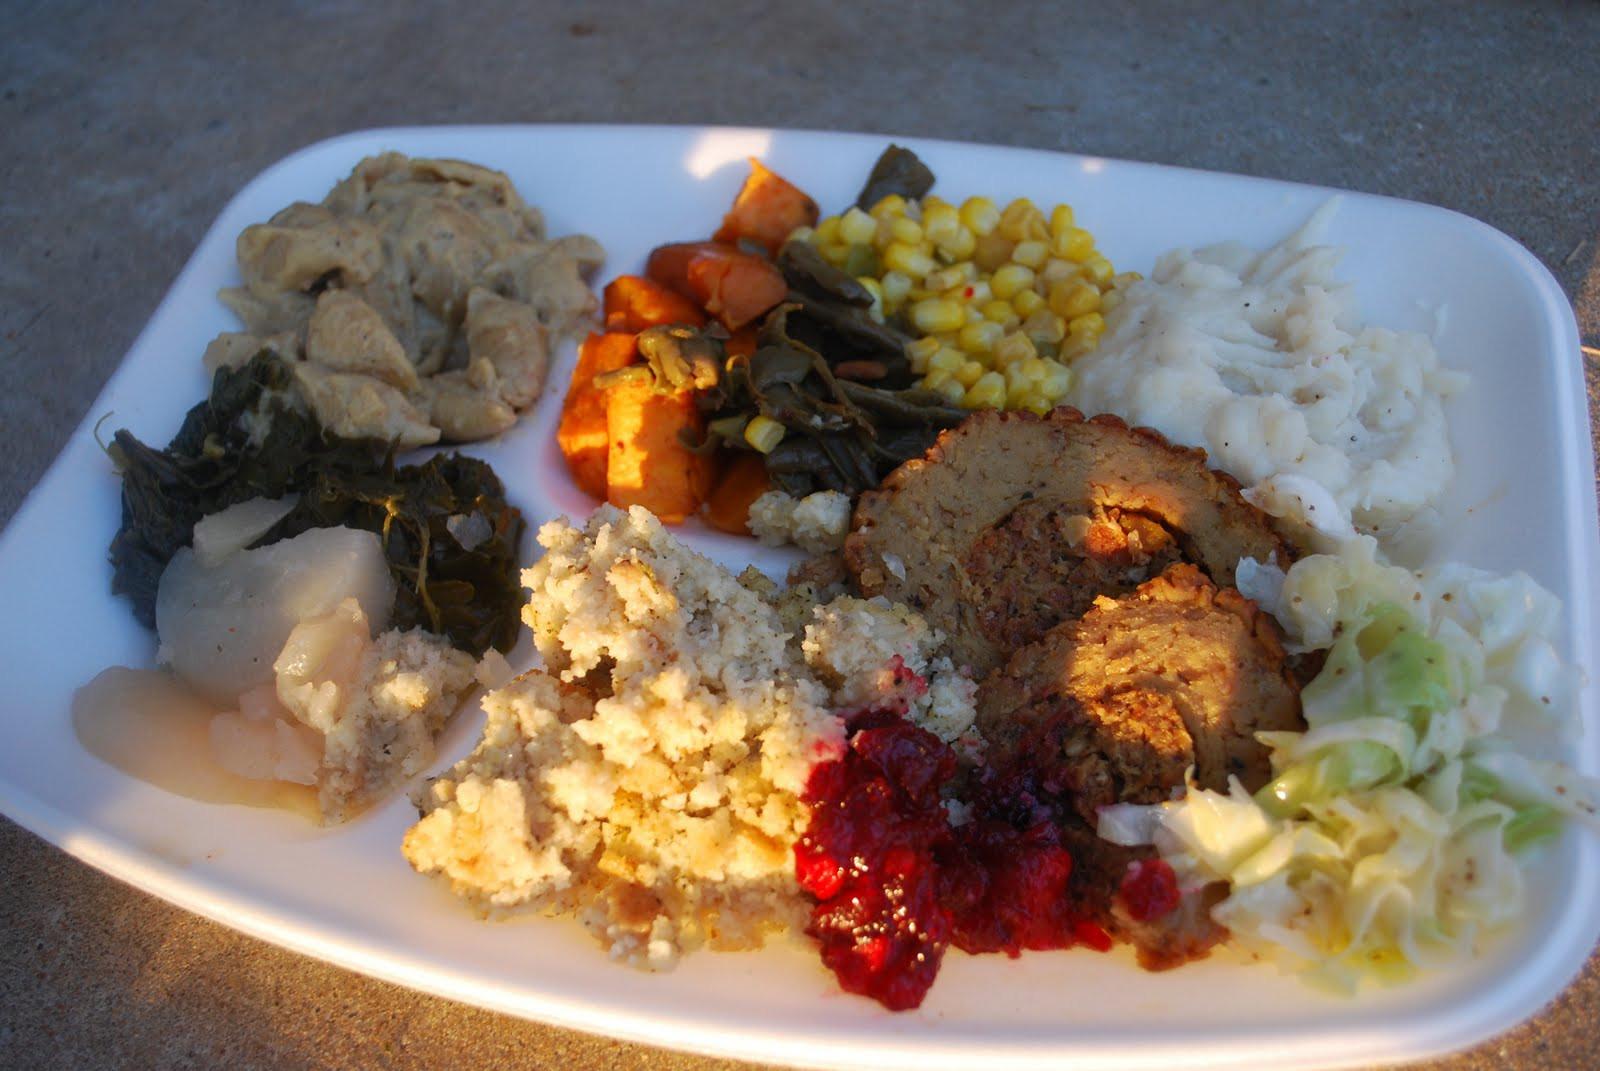 Thanksgiving Dinner Plate  Vegan Crunk November 2009